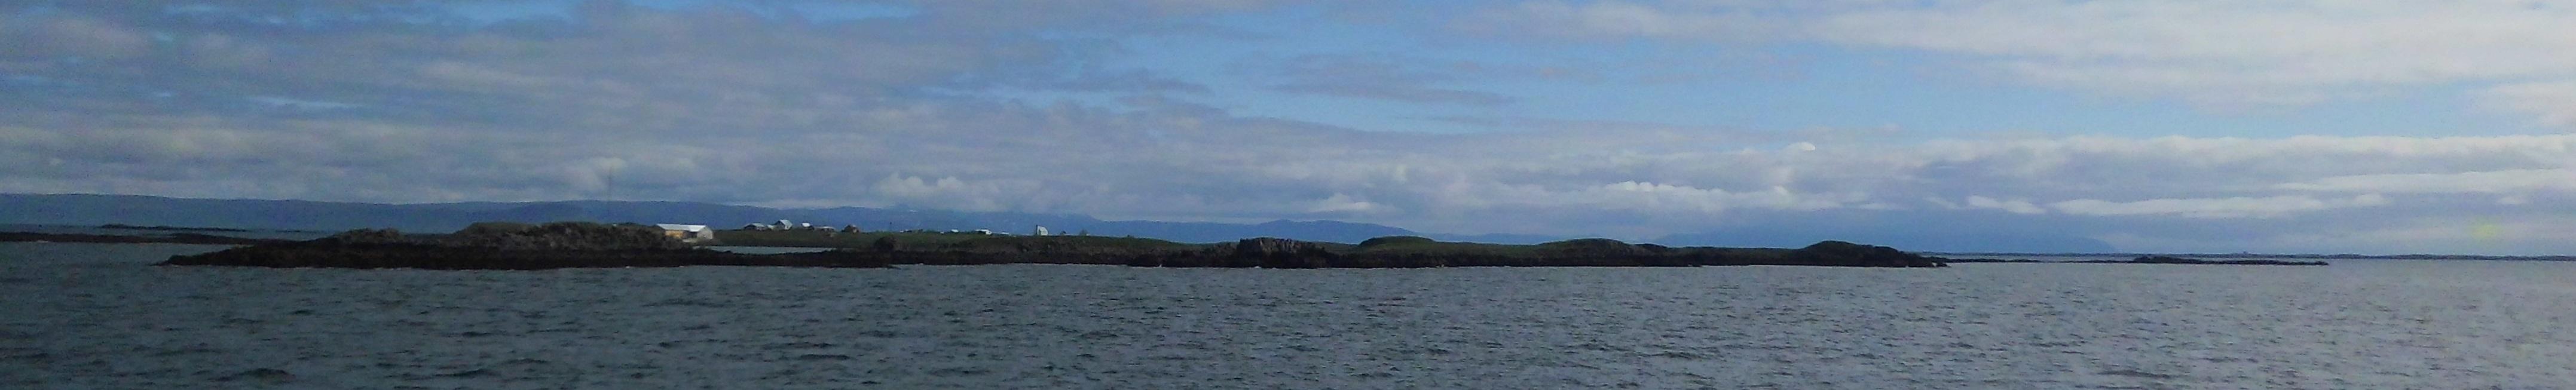 Blog 20.-28.6.2014 (Island, Tag 3) 1